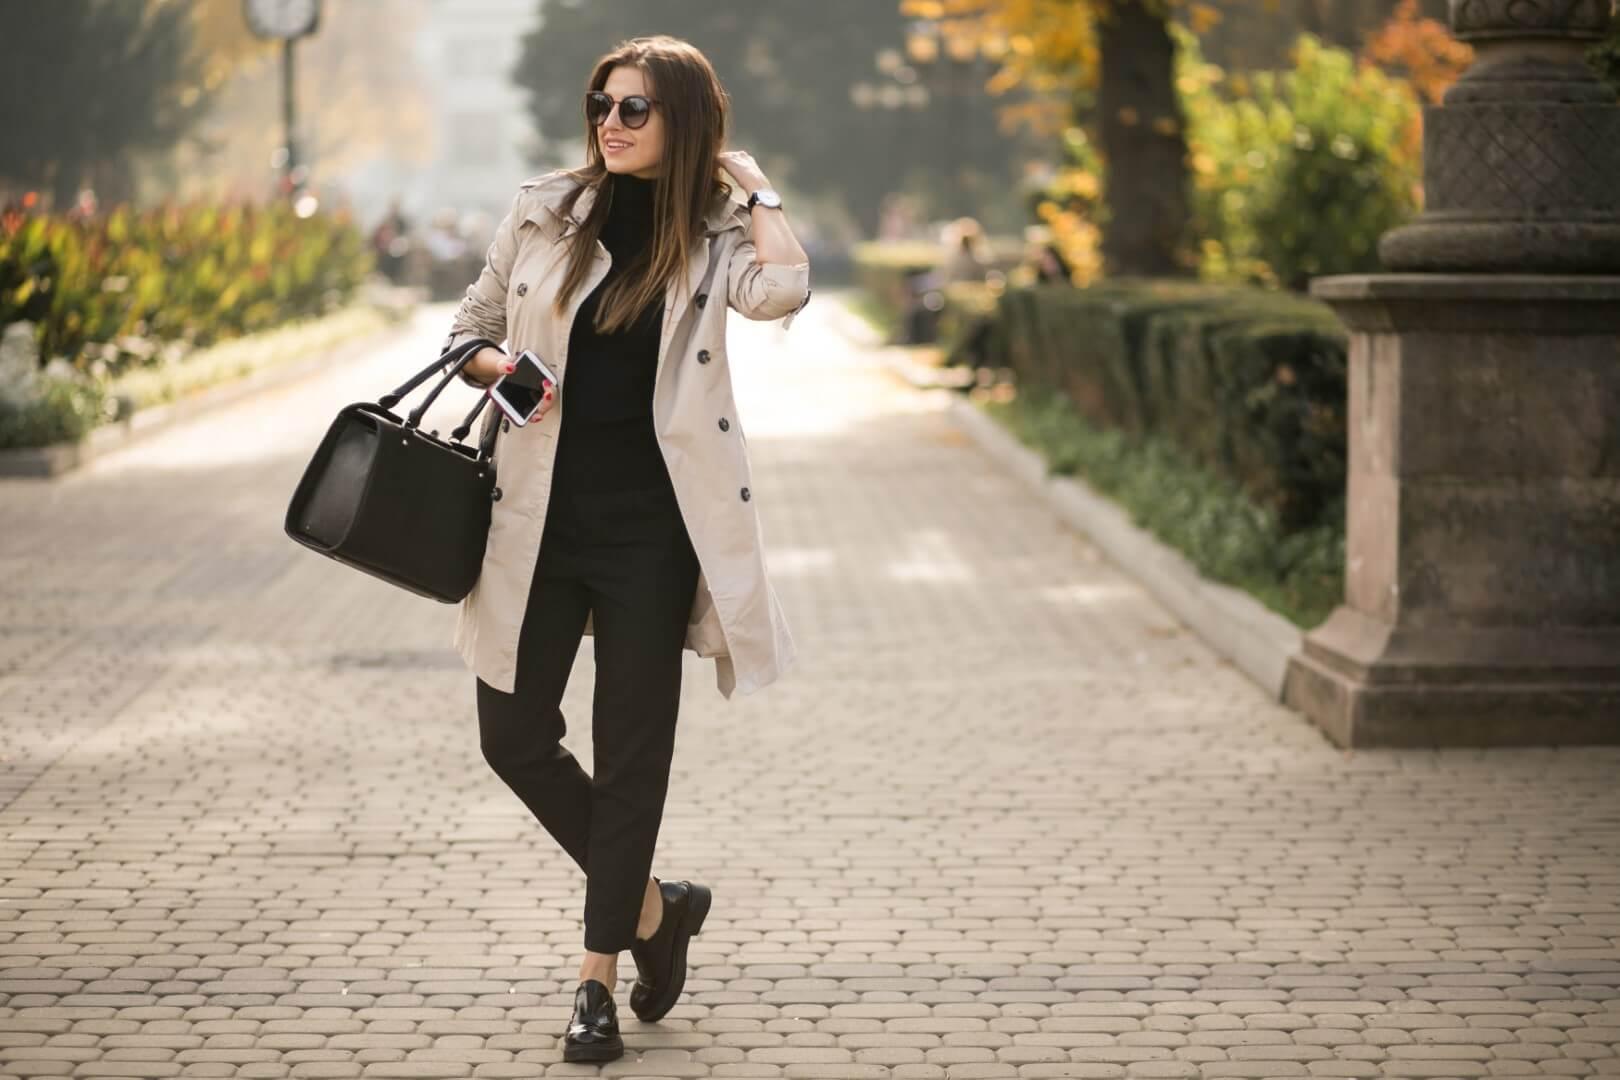 Vrouw met gepersonaliseerde luxe tas